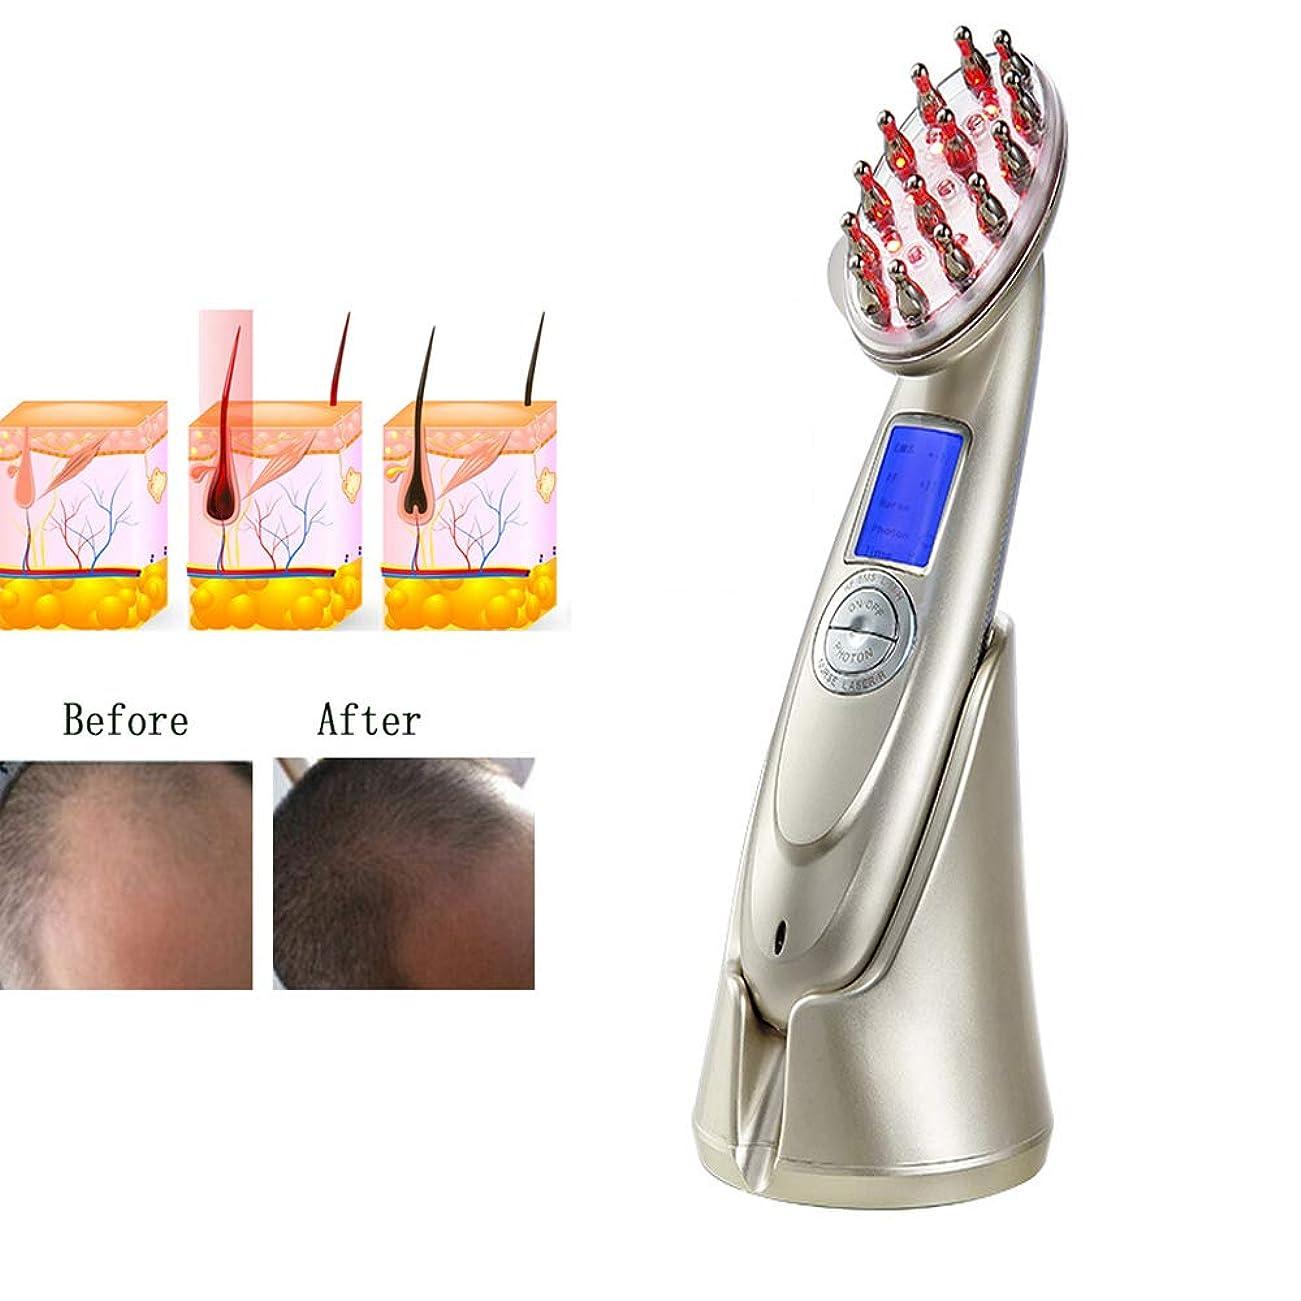 温度計することになっている手順プロの電気髪の成長レーザー櫛 RF EMS LED 光子光療法ブラシ抗脱毛治療マッサージの健康胚ブラシをアップグレードします。